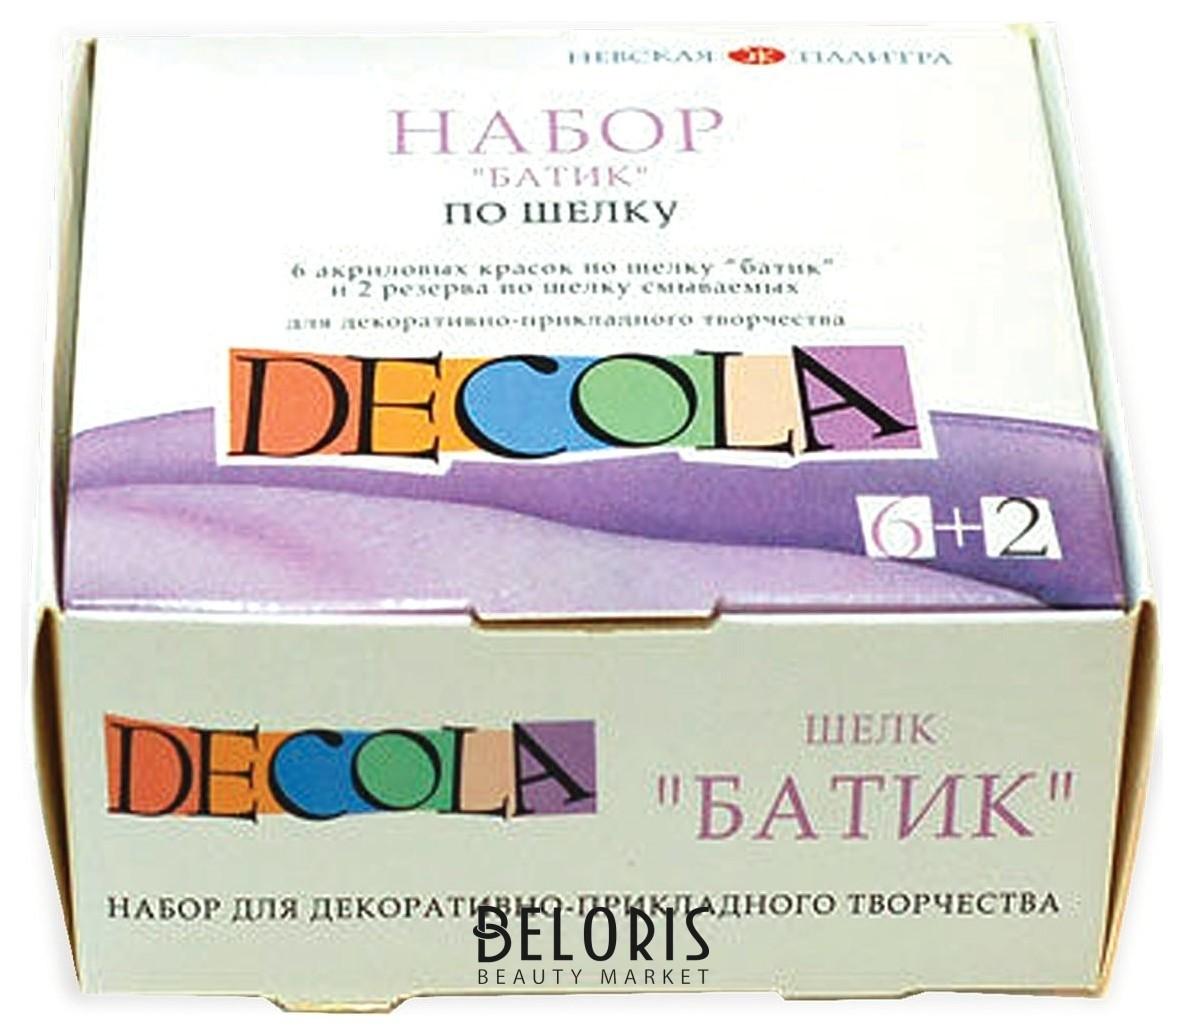 Краски по ткани акриловые ДеколаБатик по шелку, набор 6 цветов по 50 мл + резерв 2 тубы по 18 мл Невская палитра Decola